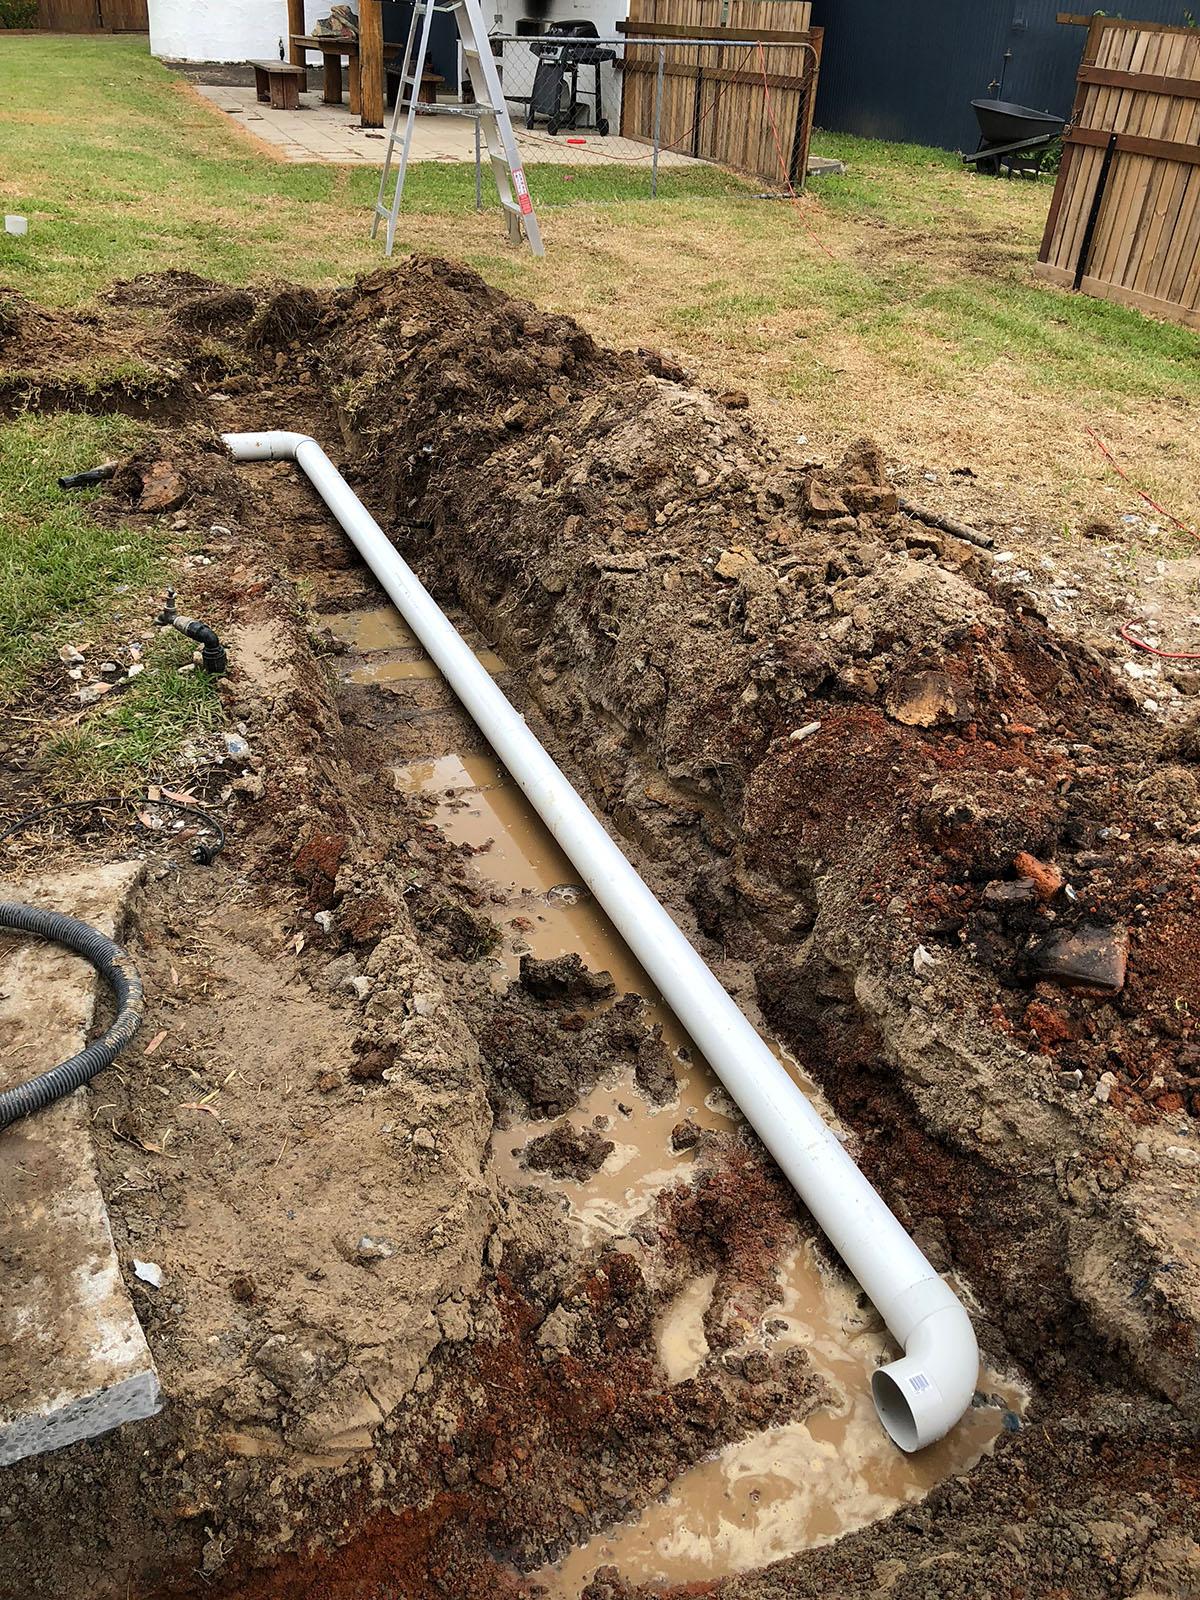 WJS plumbing excavation trenching pipe laying